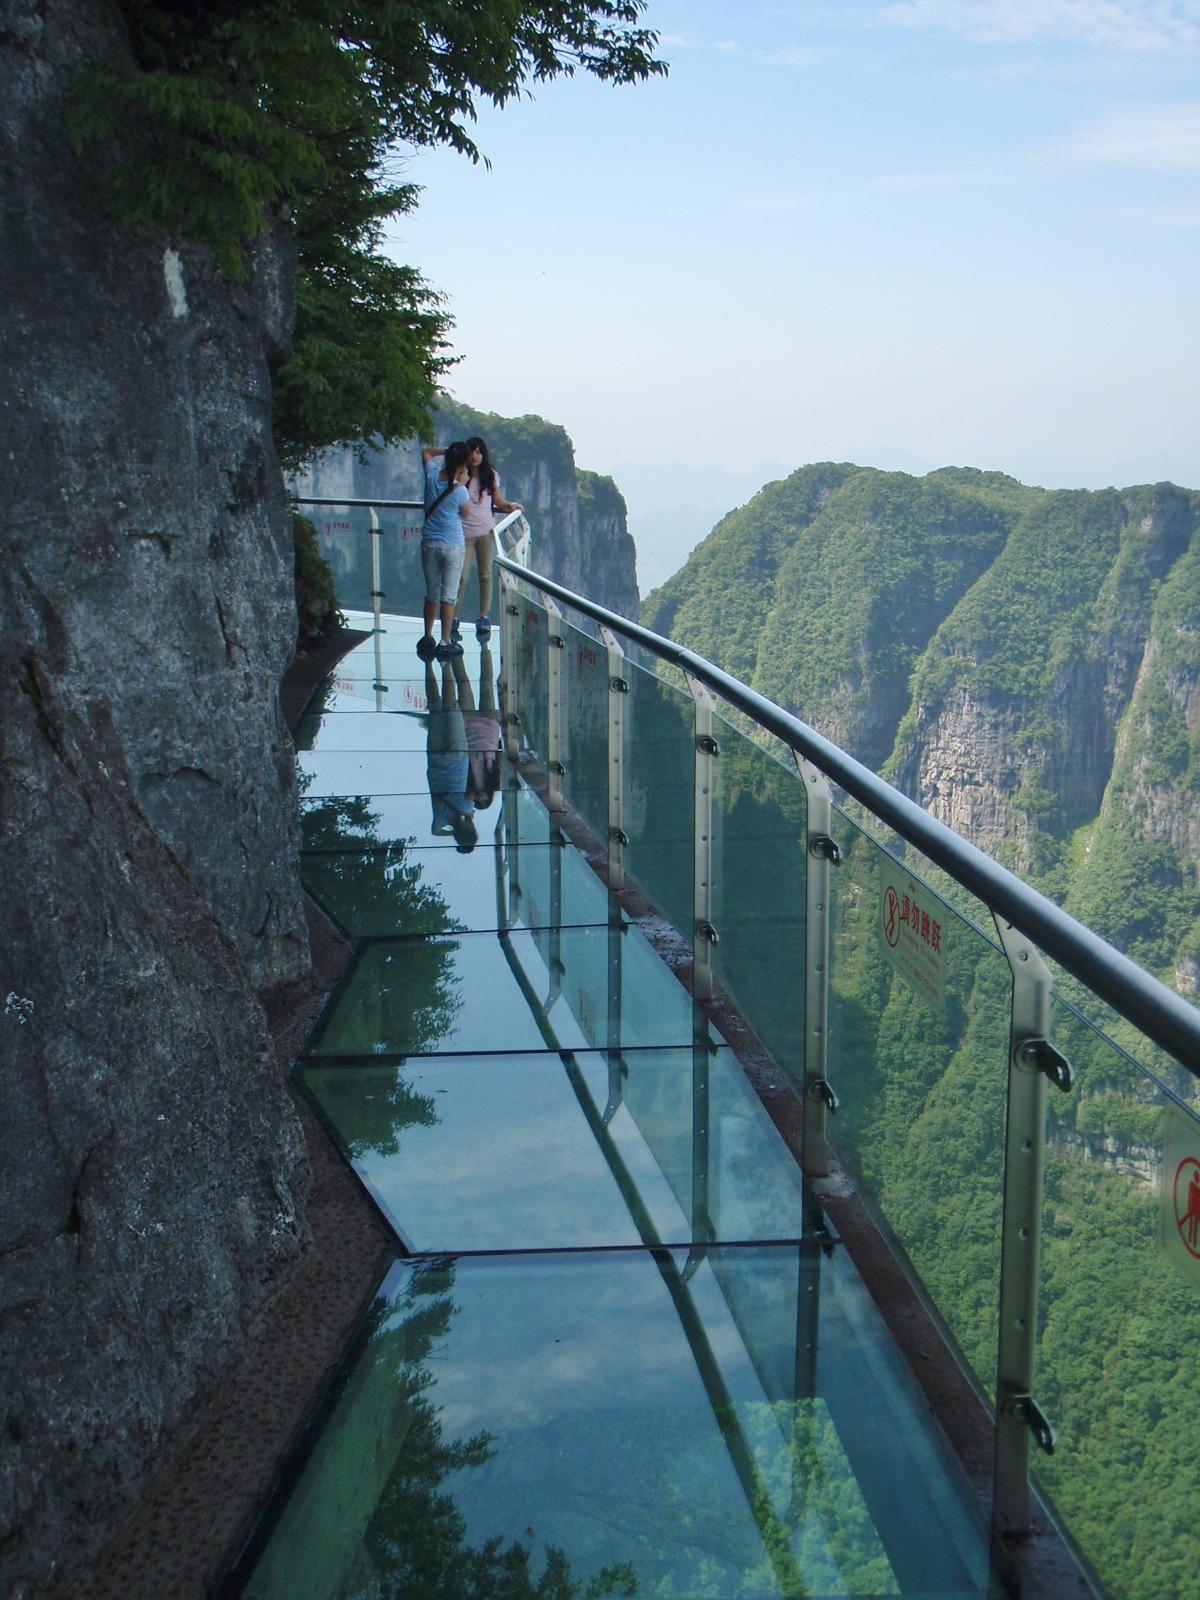 visitheworld:Dangerous glass walkway on Tianmen Mountain, Hunan, China.